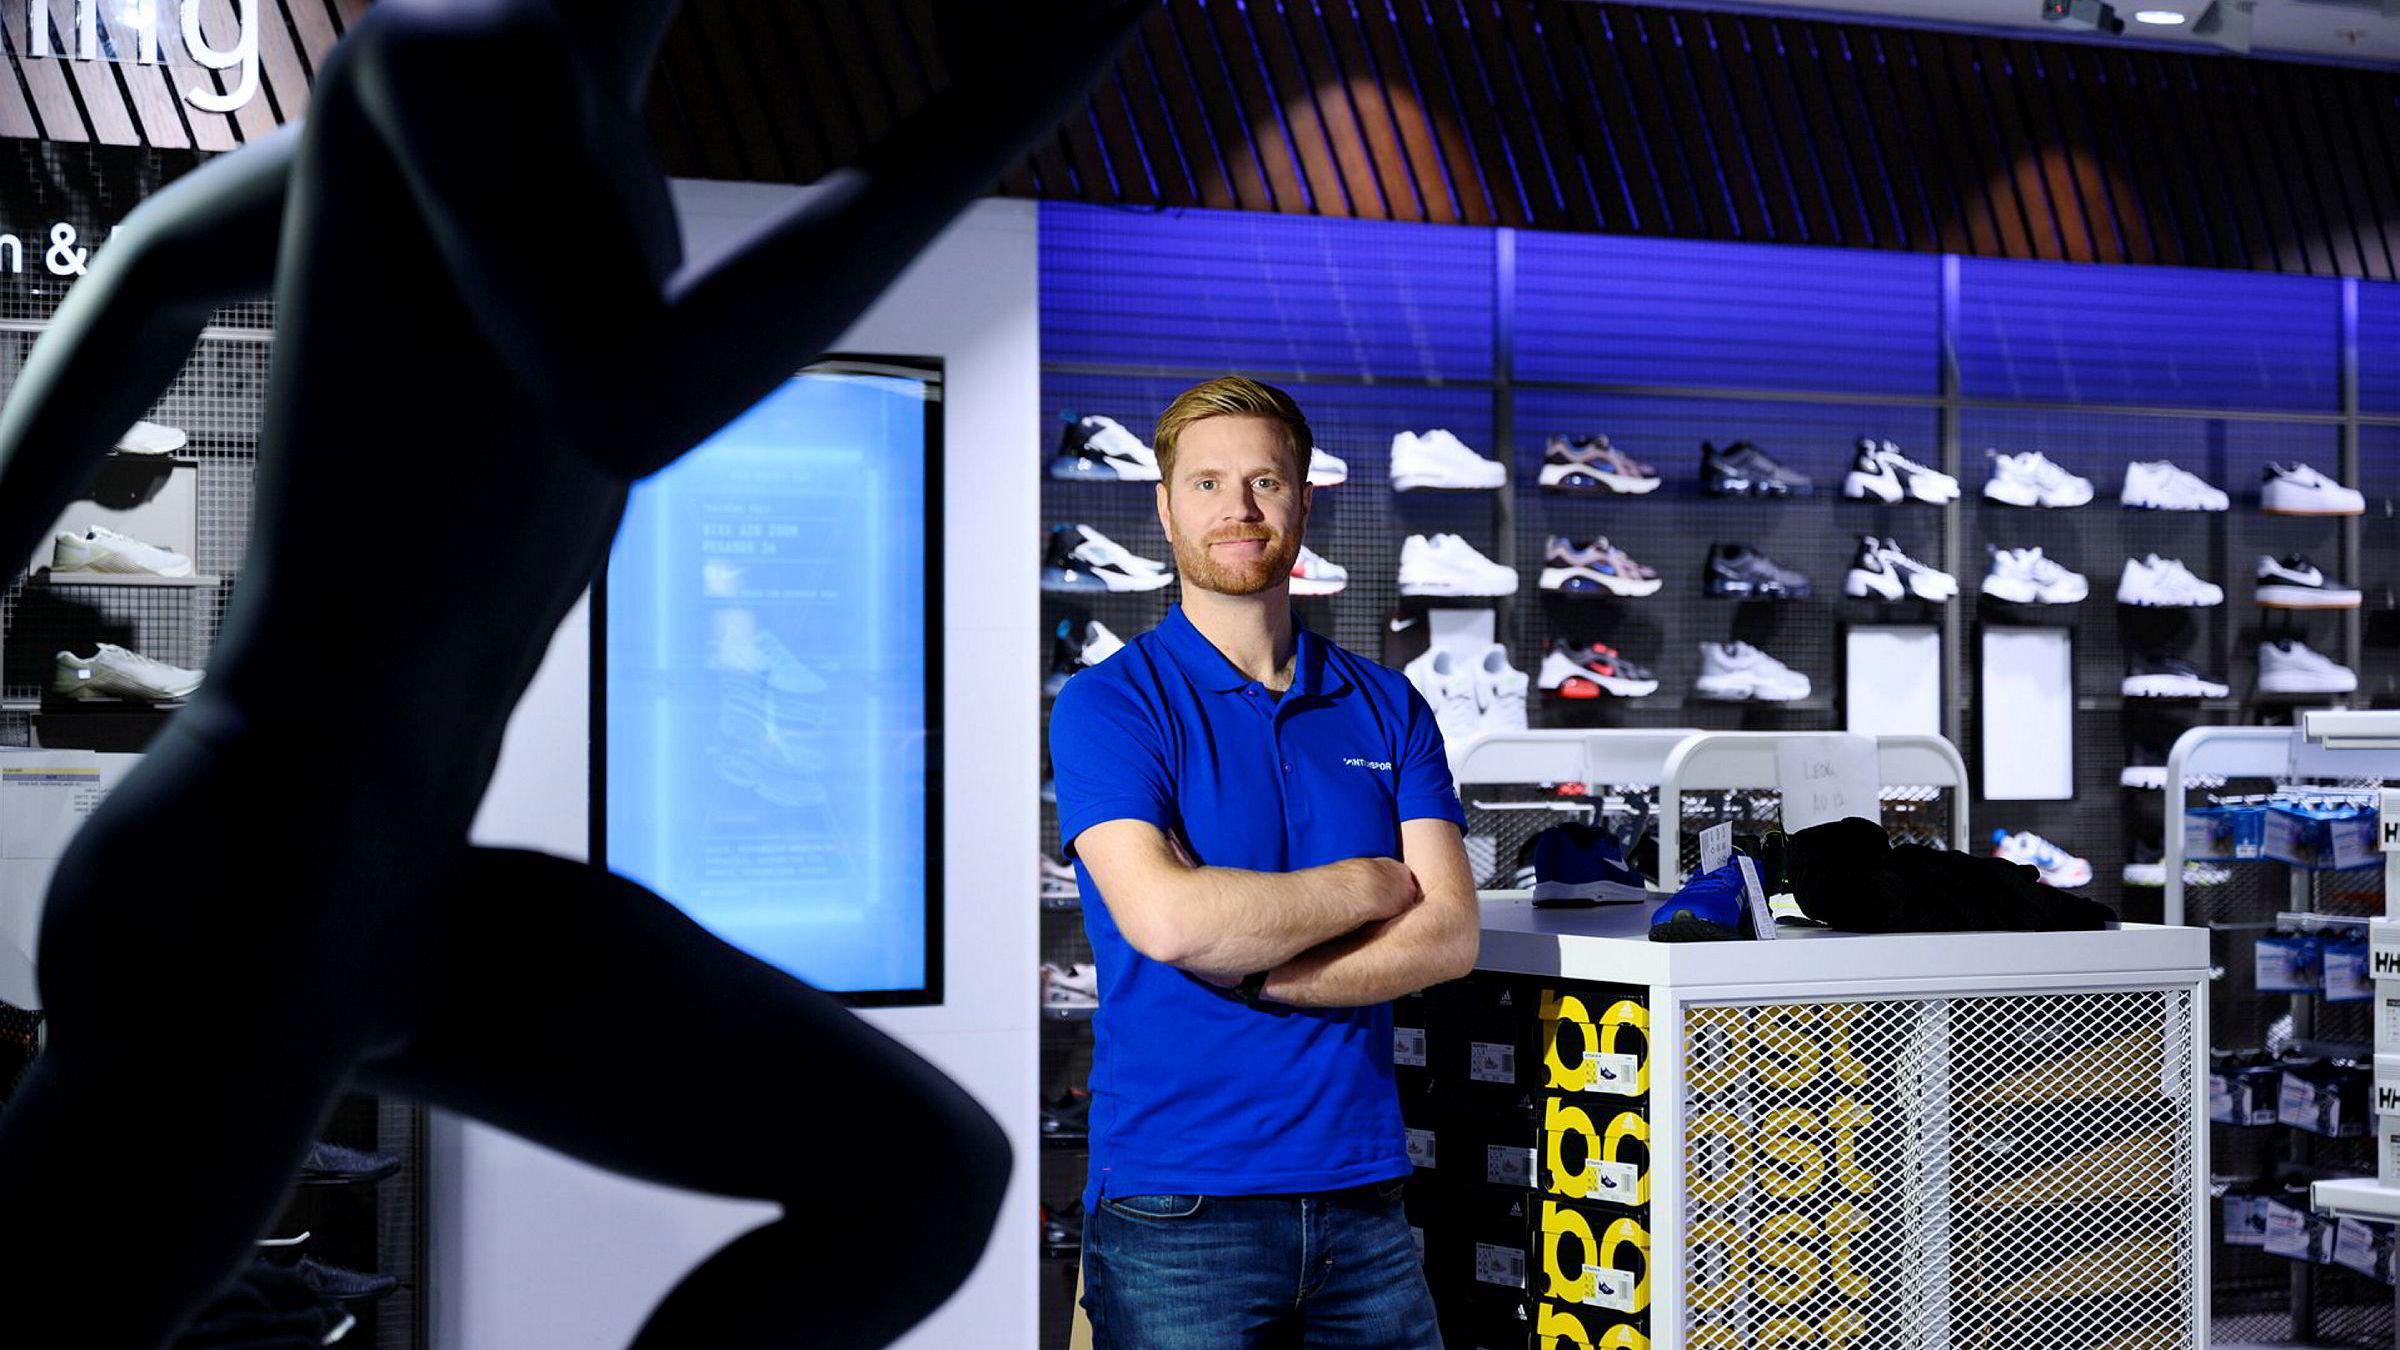 Toppsjef i Gresvig Lars Kristian Lindeberg relanserer under Intersport-navnet. Her på butikken på Sandvika Storsenter.